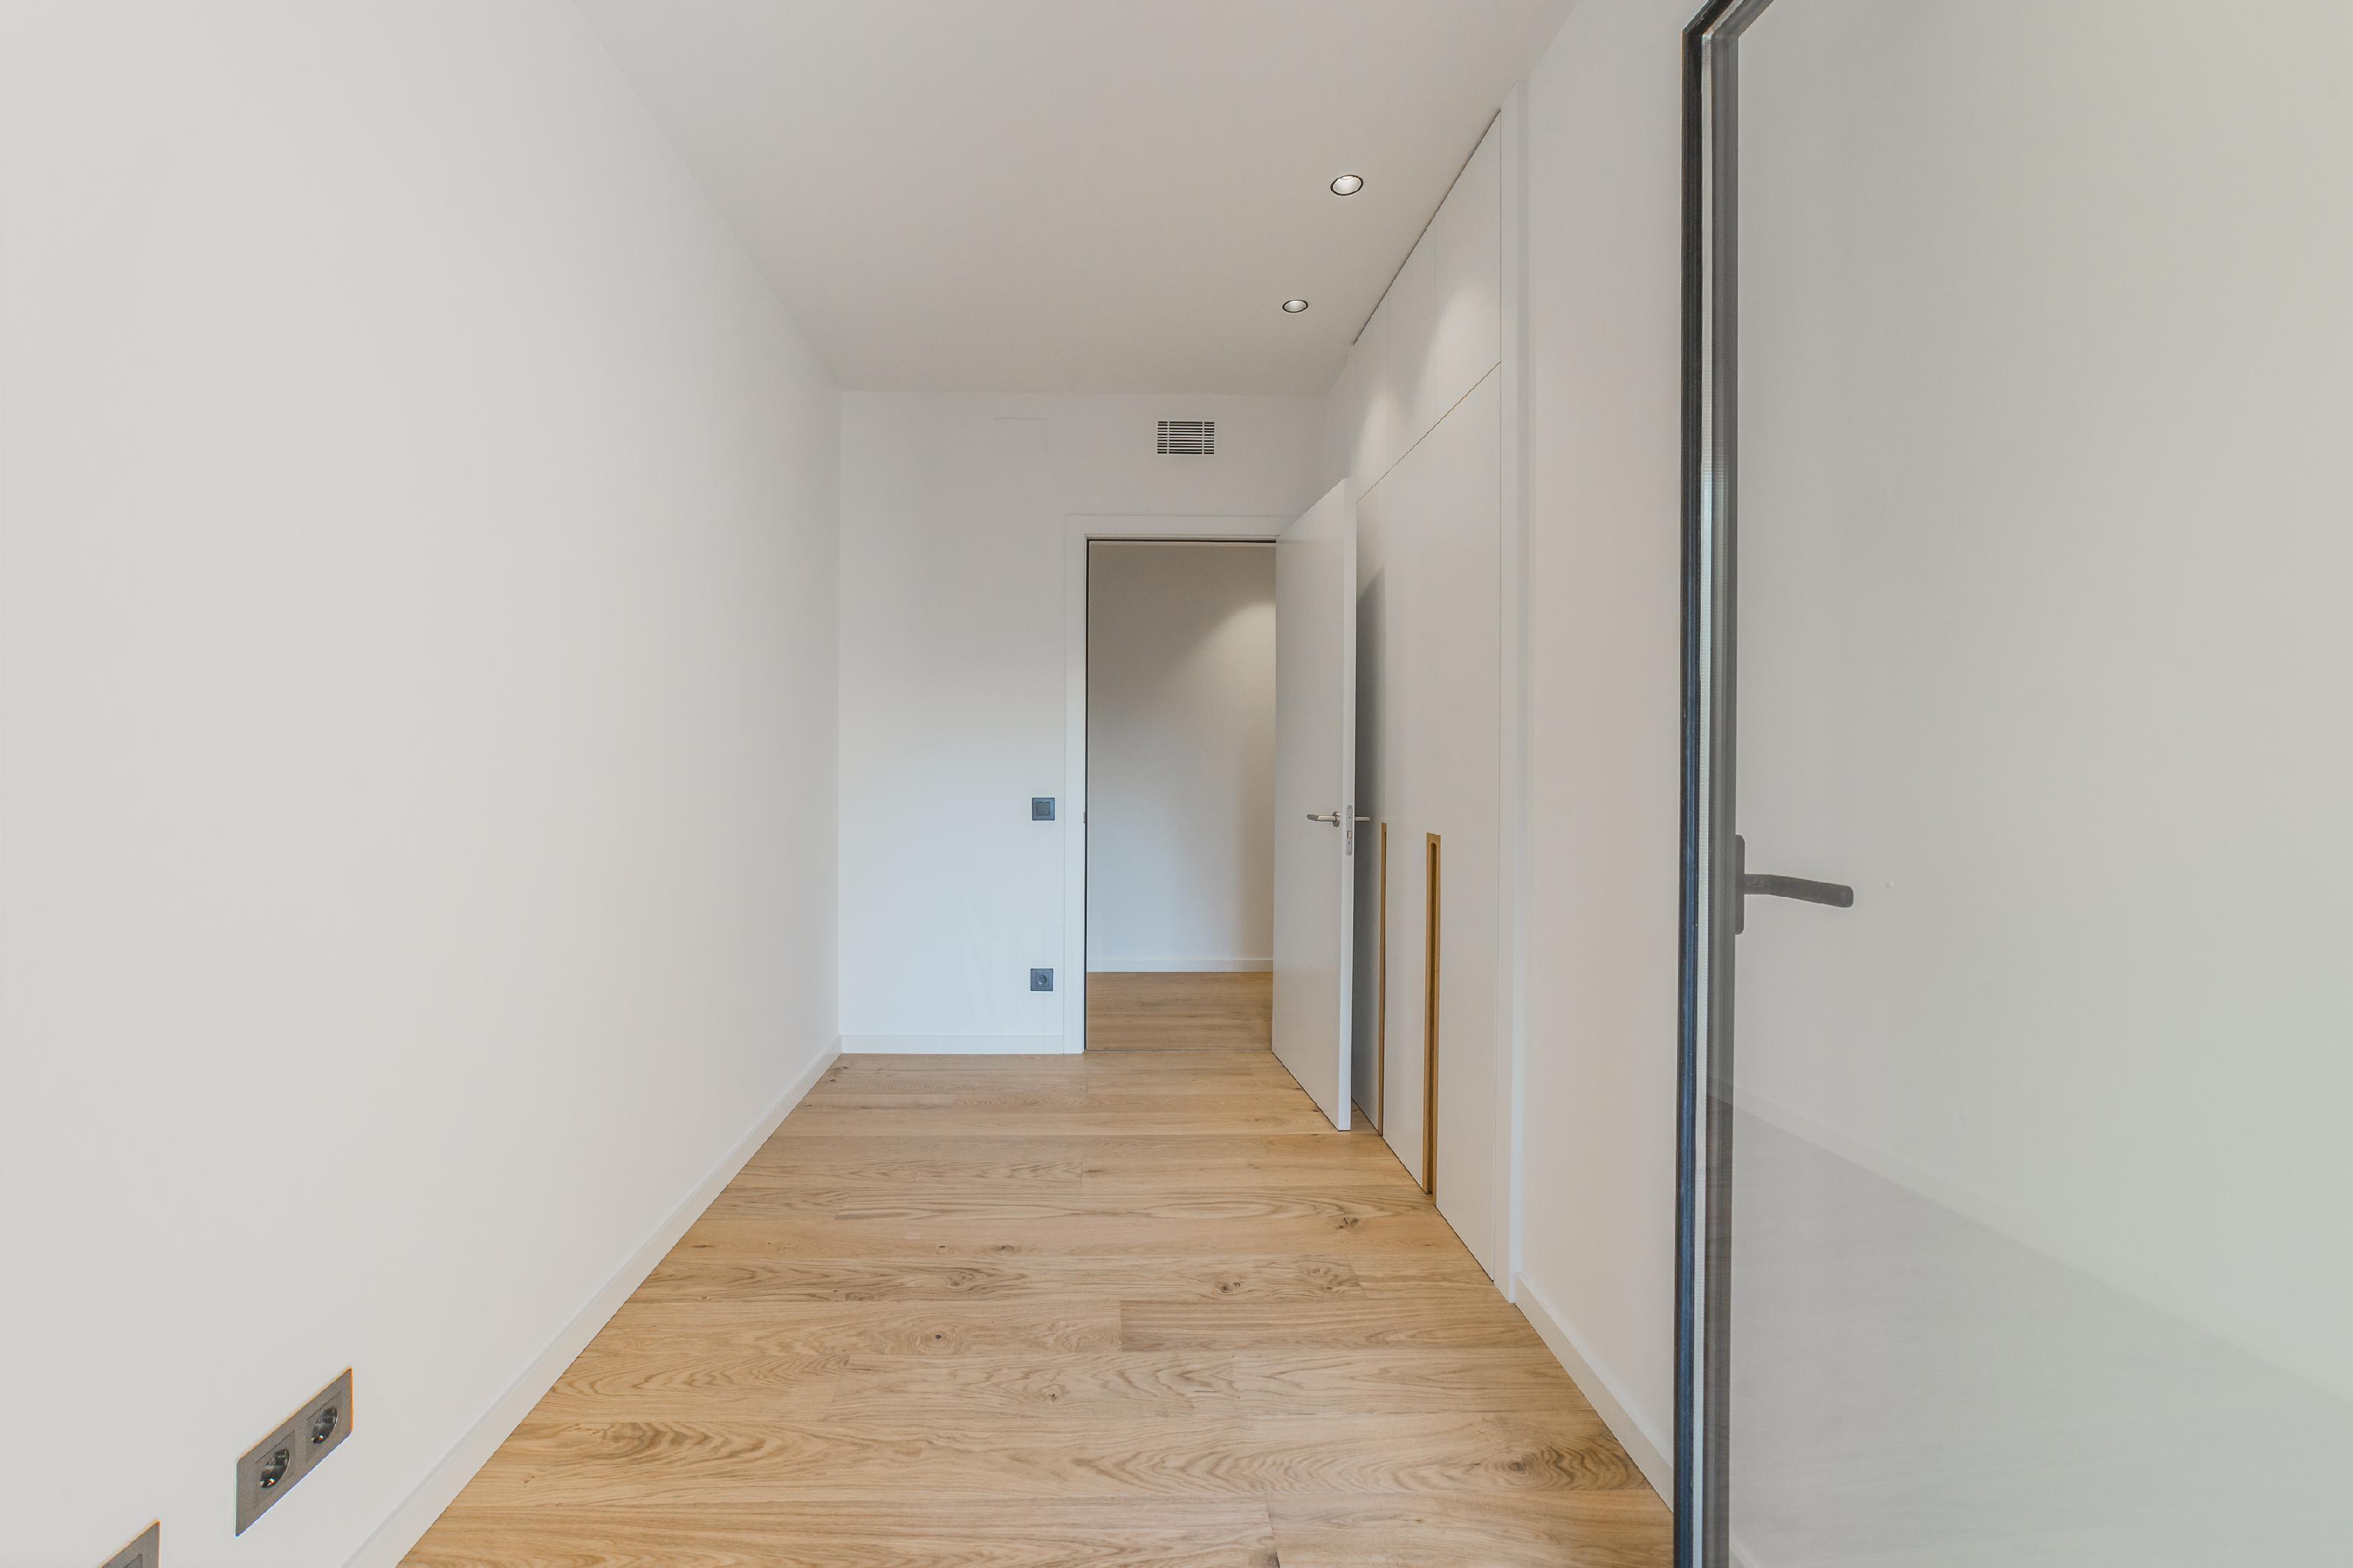 251949 Apartment for sale in Eixample, Antiga Esquerre Eixample 25